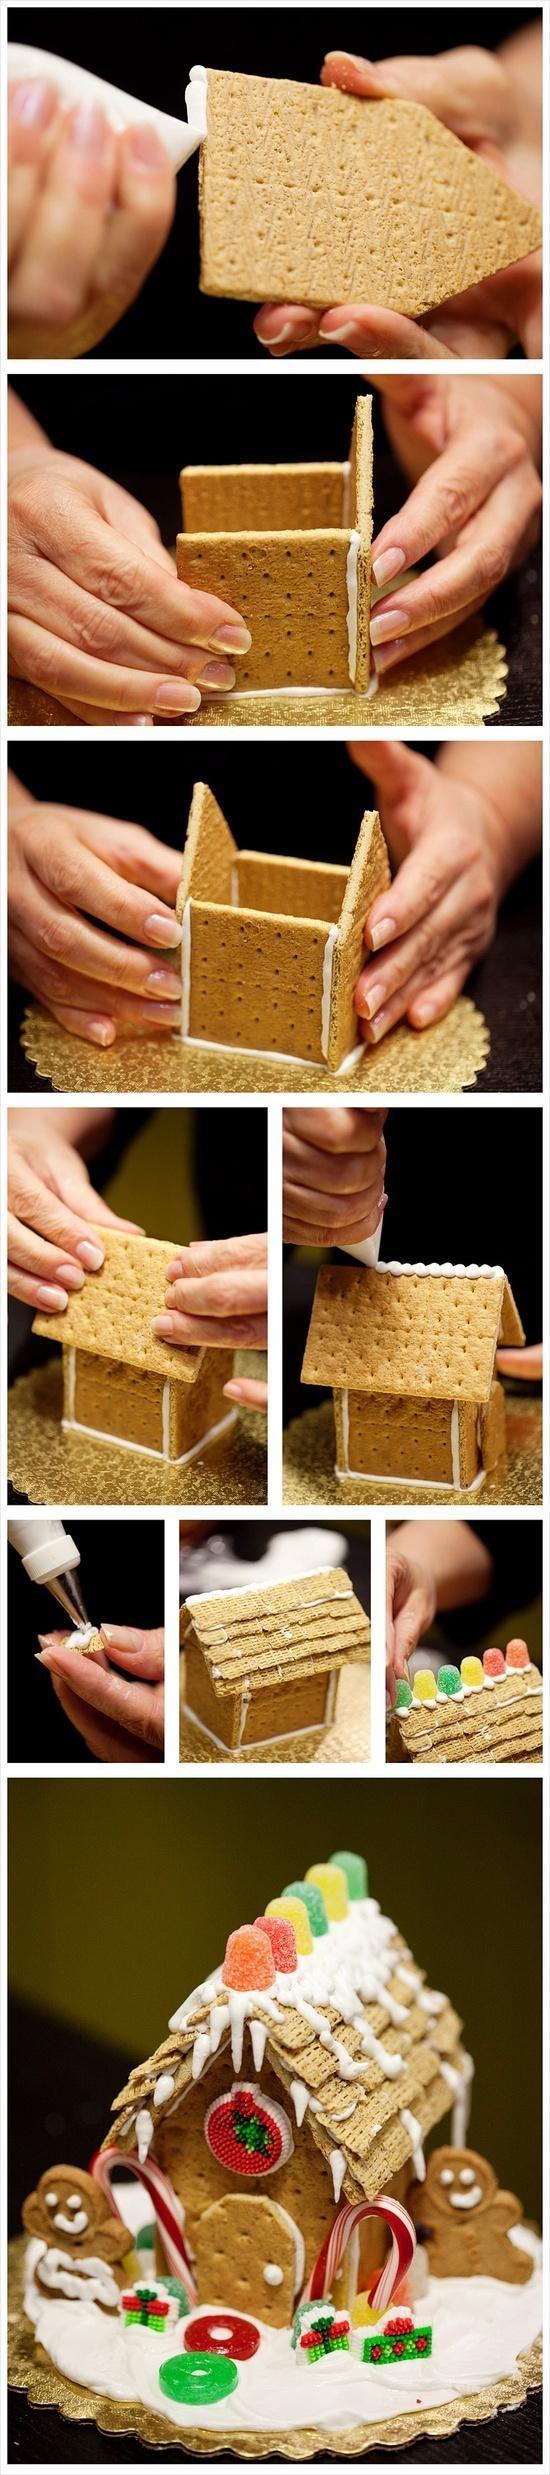 Пряничный домик из дерева своими руками 1